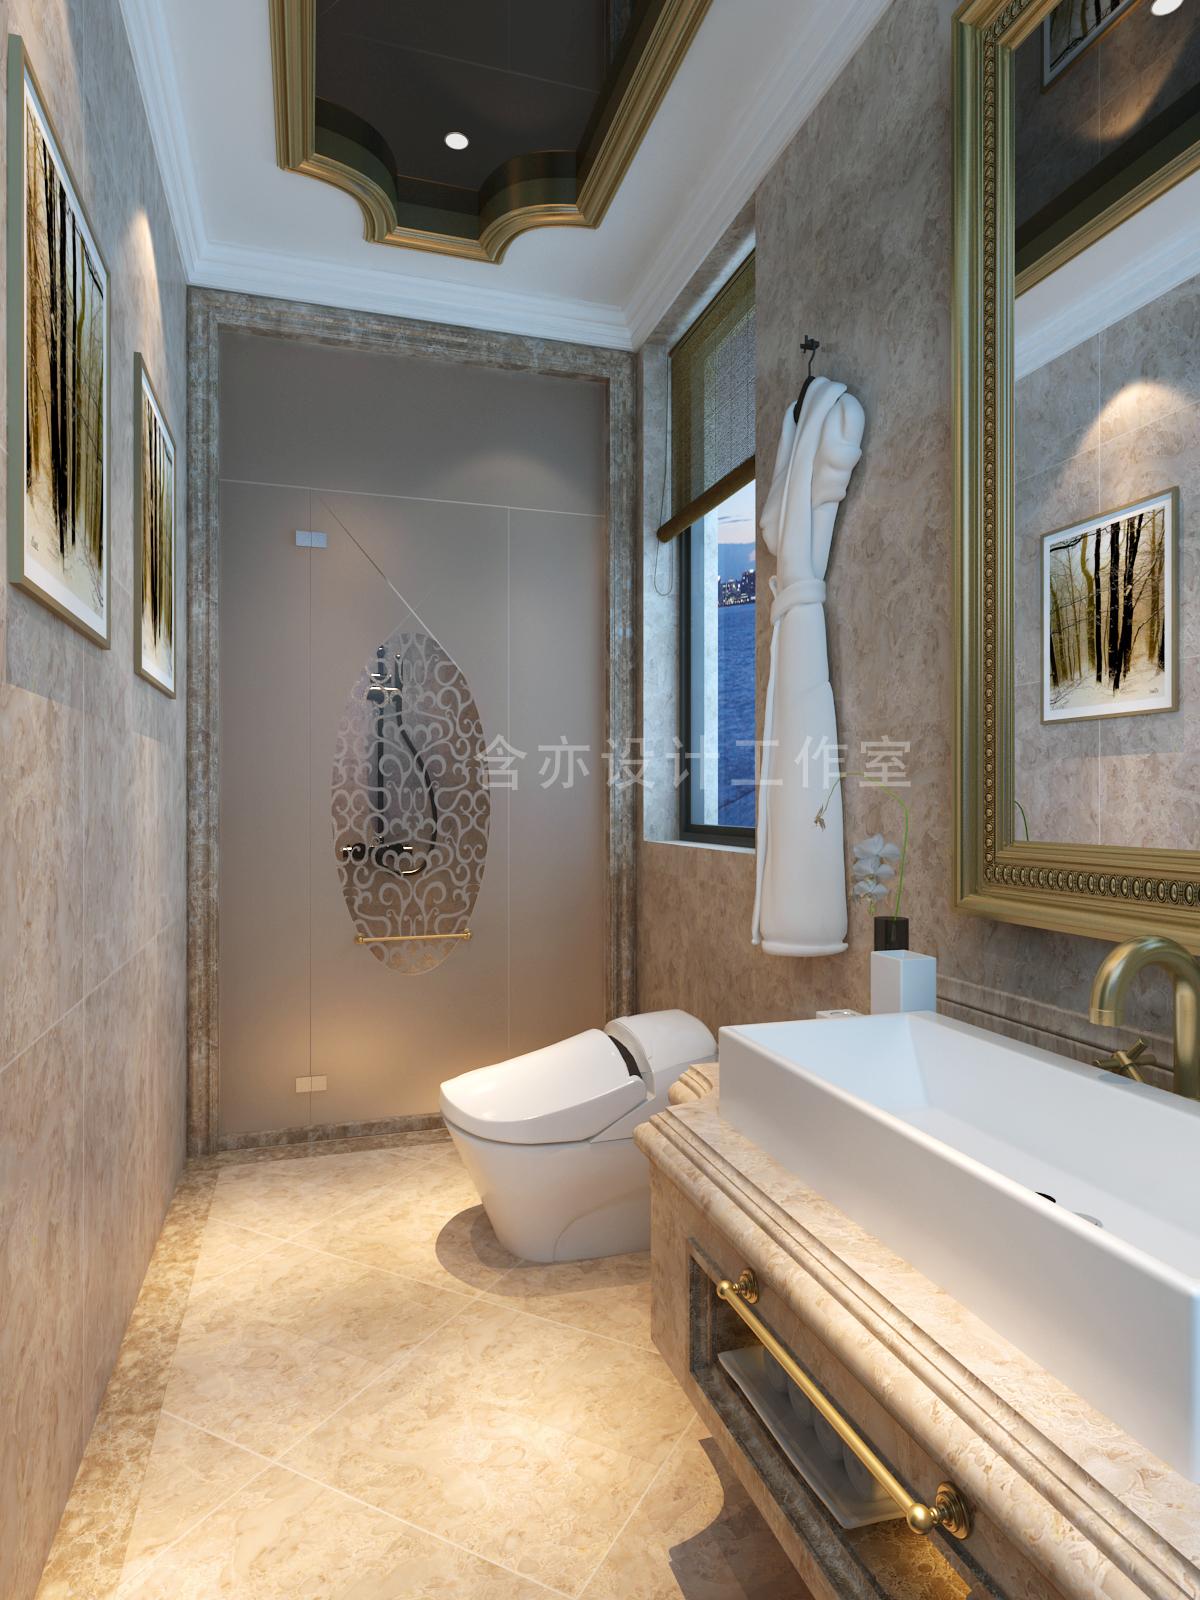 欧式 别墅 室内设计 太原设计师 卫生间图片来自王含亦在绛县别墅的分享